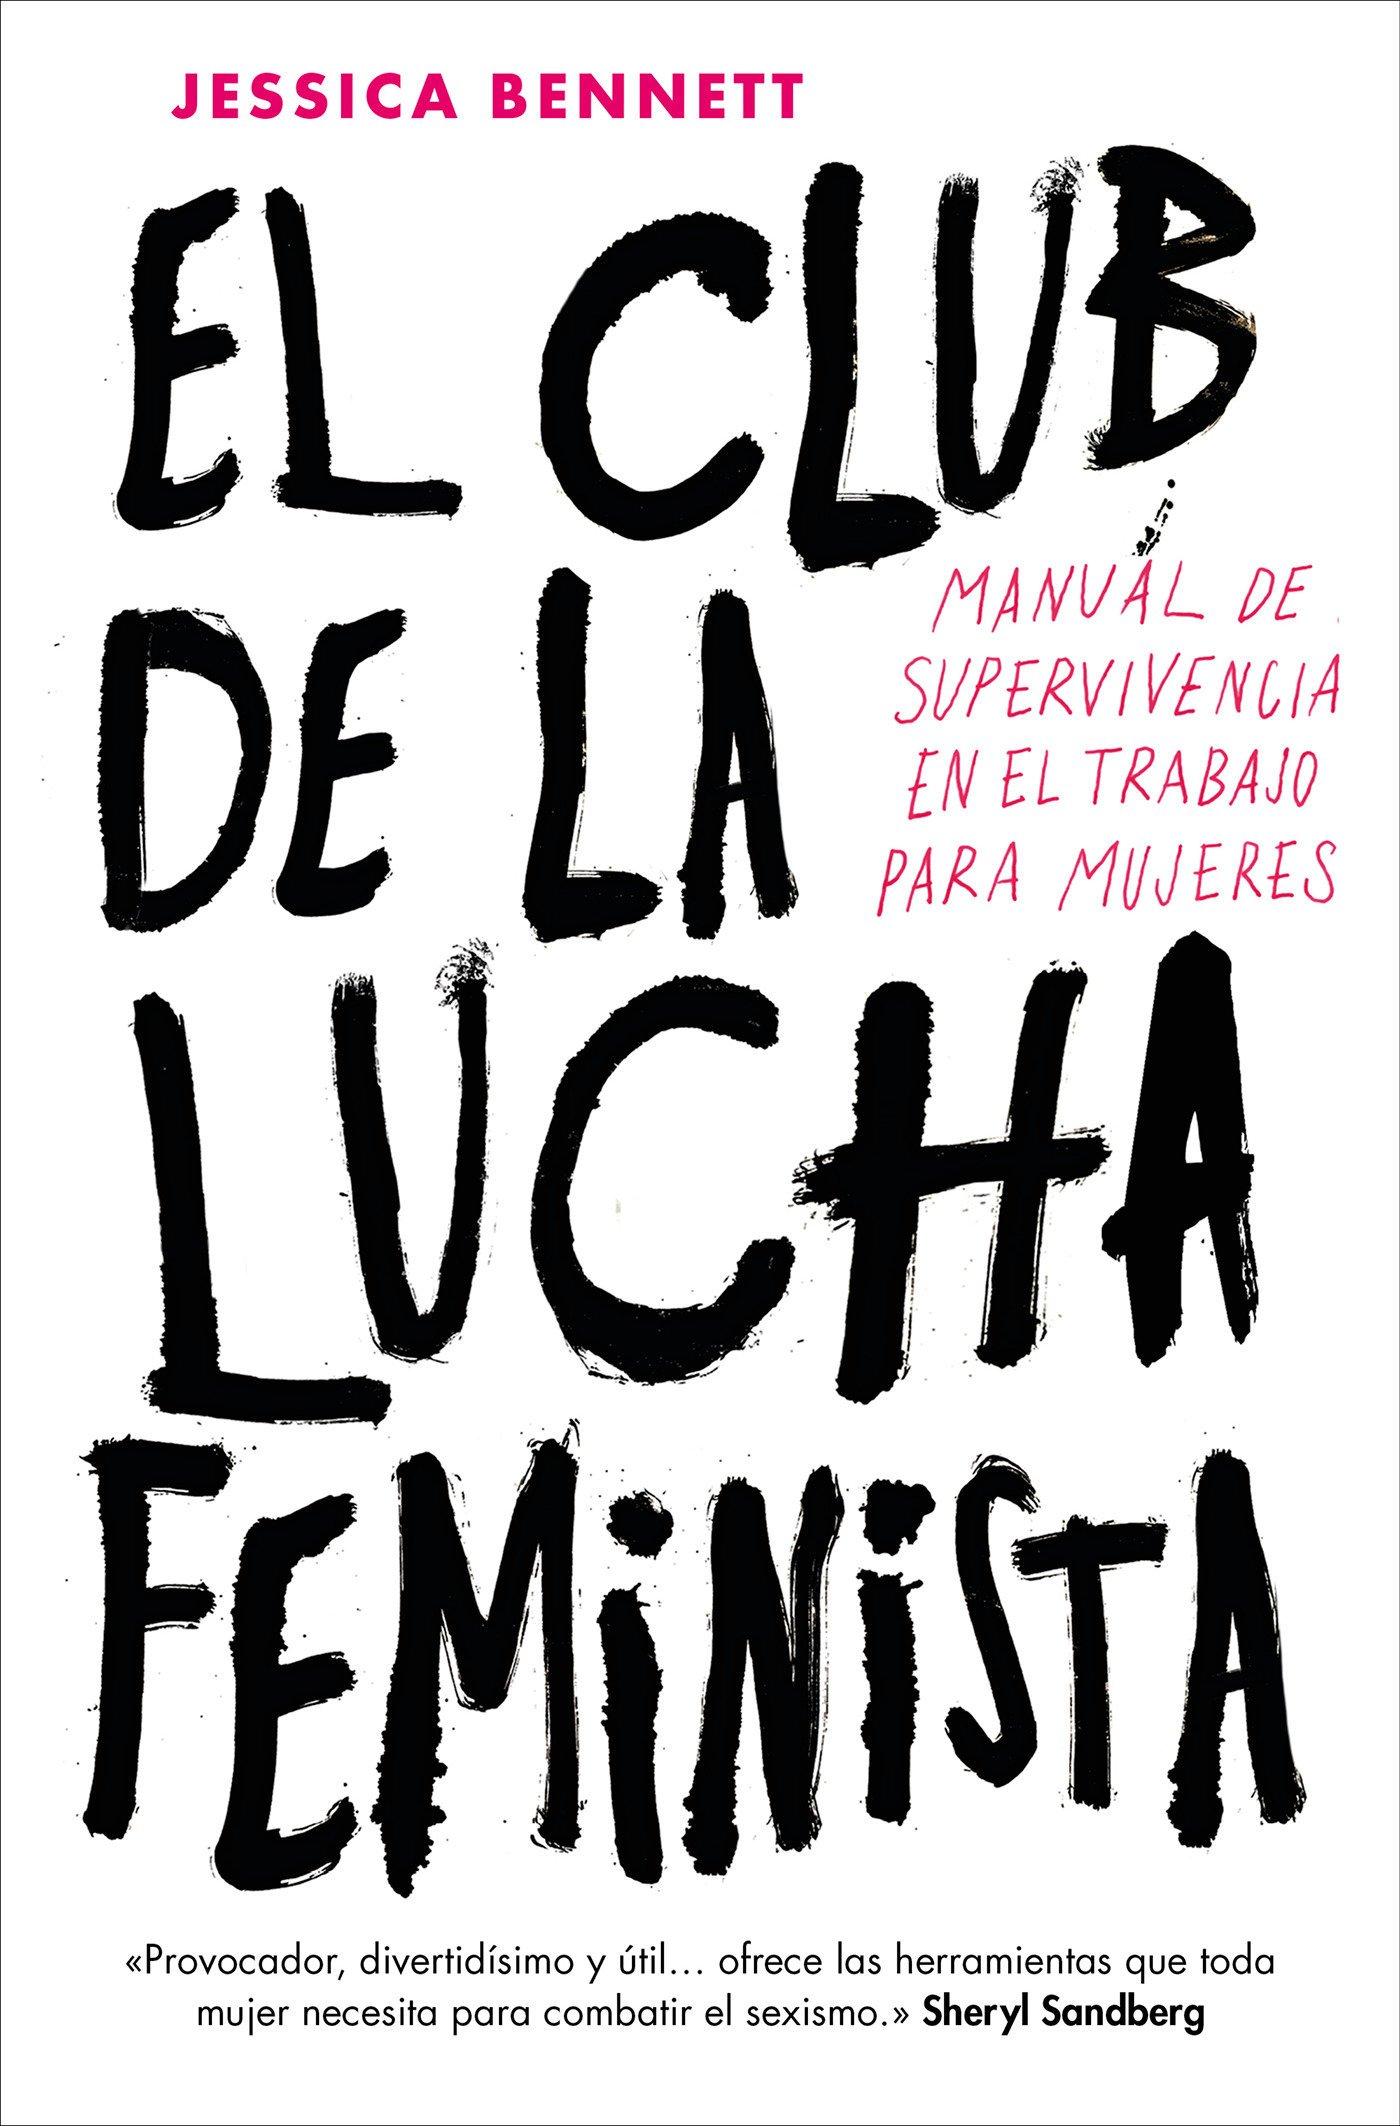 El Club de la Lucha Feminista: Manual de supervivencia en el trabajo para mujeres CONECTA: Amazon.es: Jessica Bennett, Mariola Cortés-Cros;: Libros